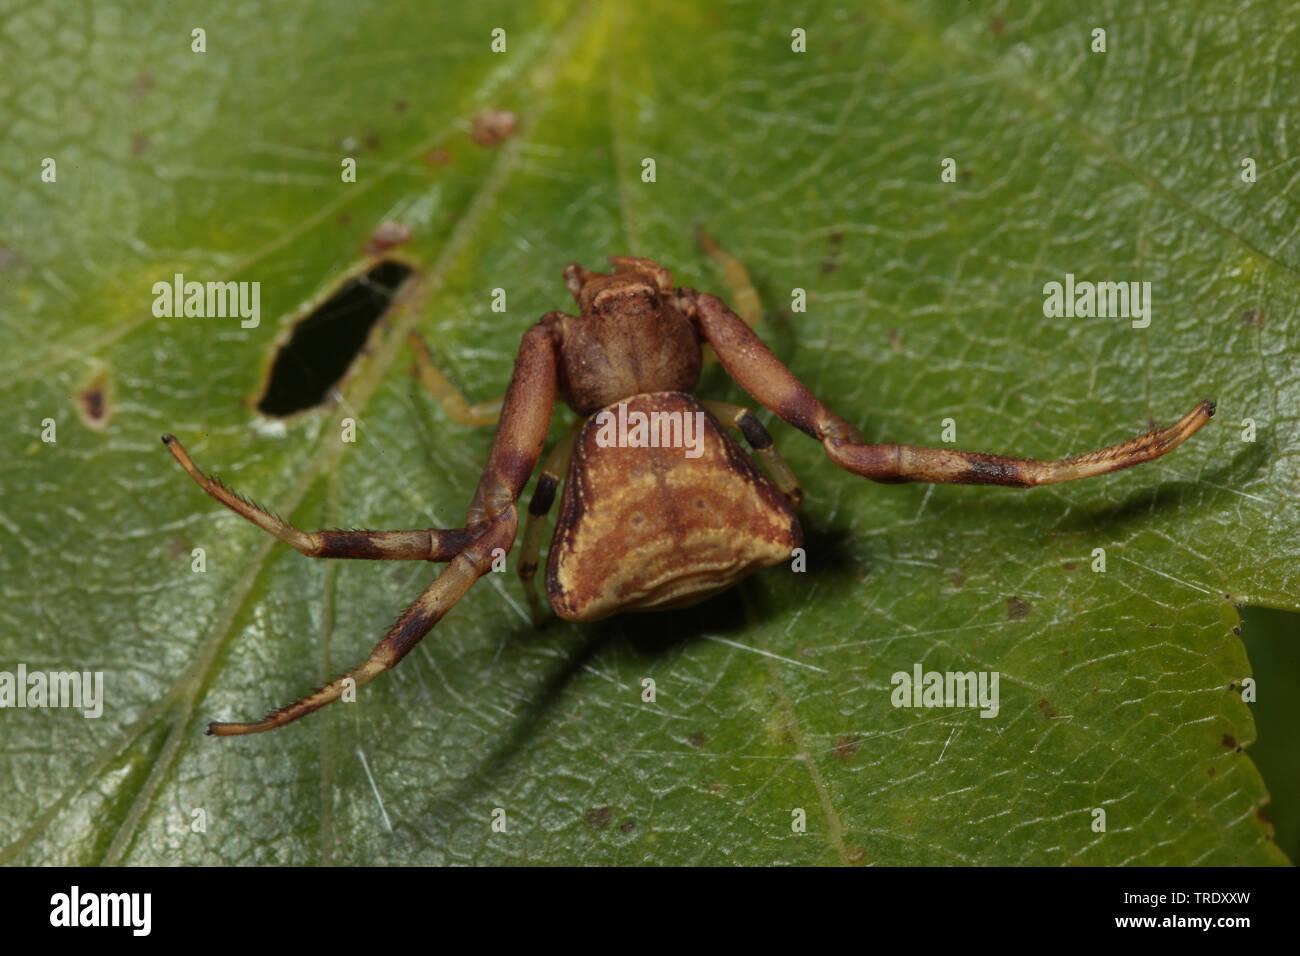 Krabbenspinne, Pistius truncatus (Pistius truncatus), sitzt auf einem Blatt, Frankreich, Cevennen Nationalpark | Crab Spider (Pistius truncatus), sitt - Stock Image